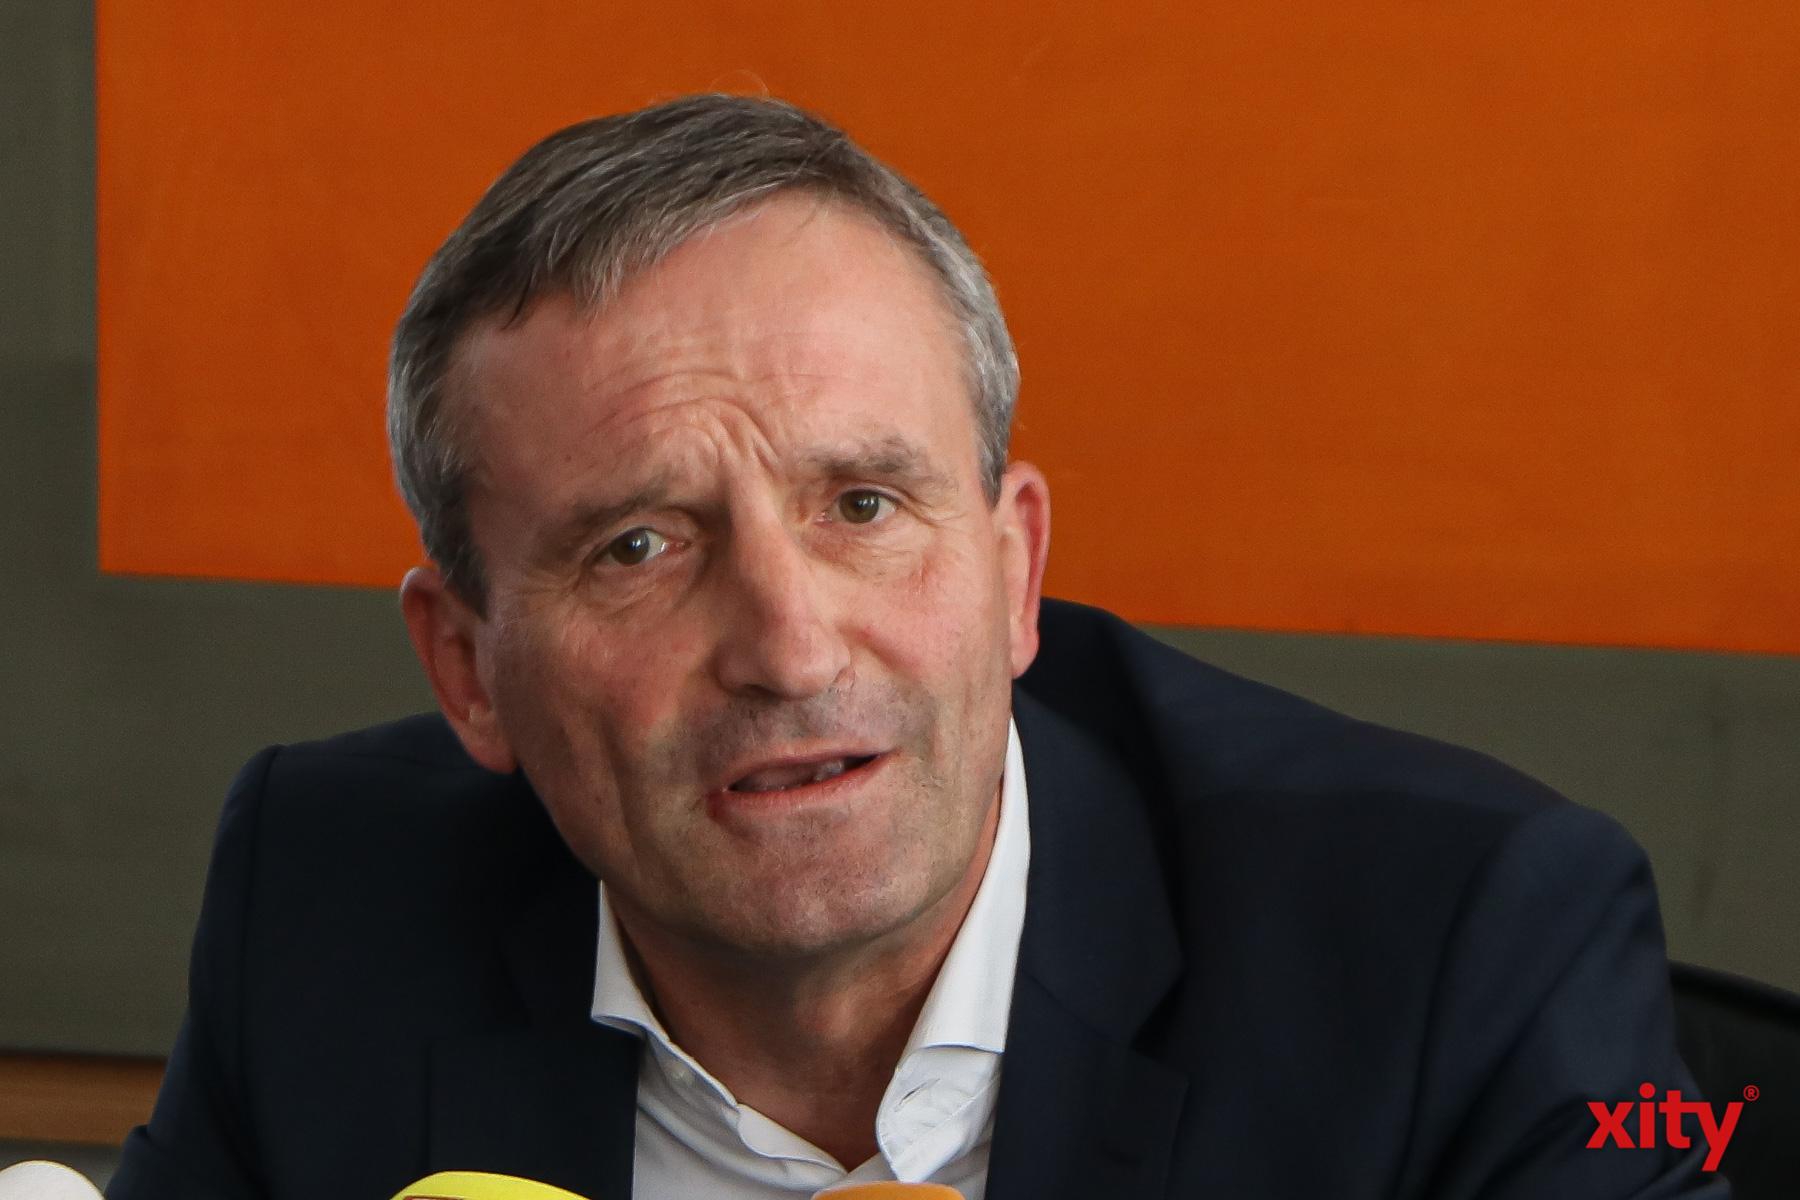 Oberbürgermeister Thomas Geisel will mehr Sicherheit im Rheinbad schaffen (Foto: xity)